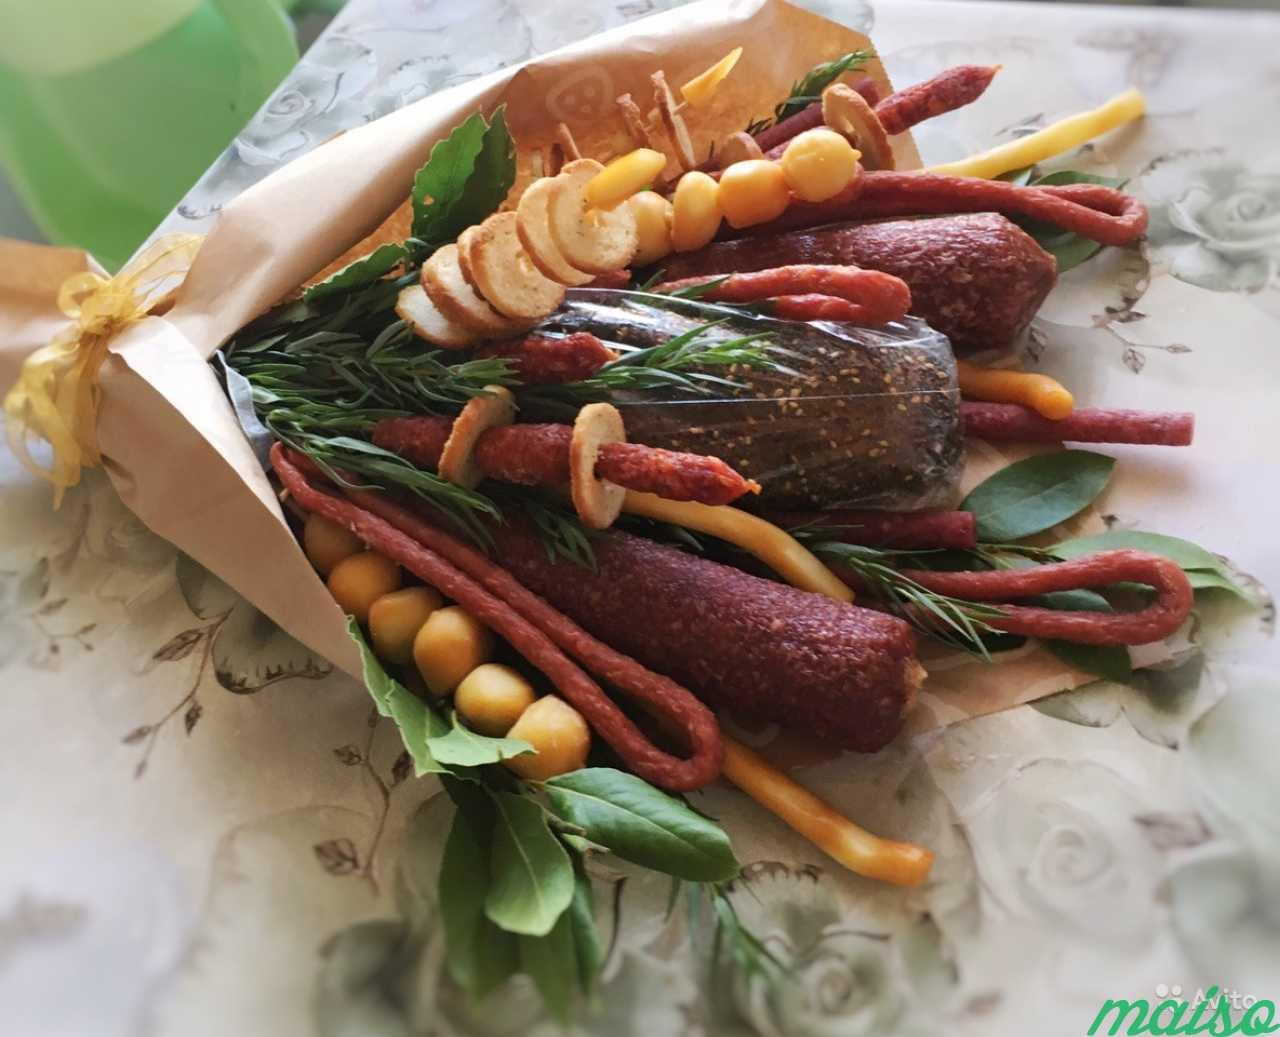 Склады, мужской букет из колбасы нижний новгород